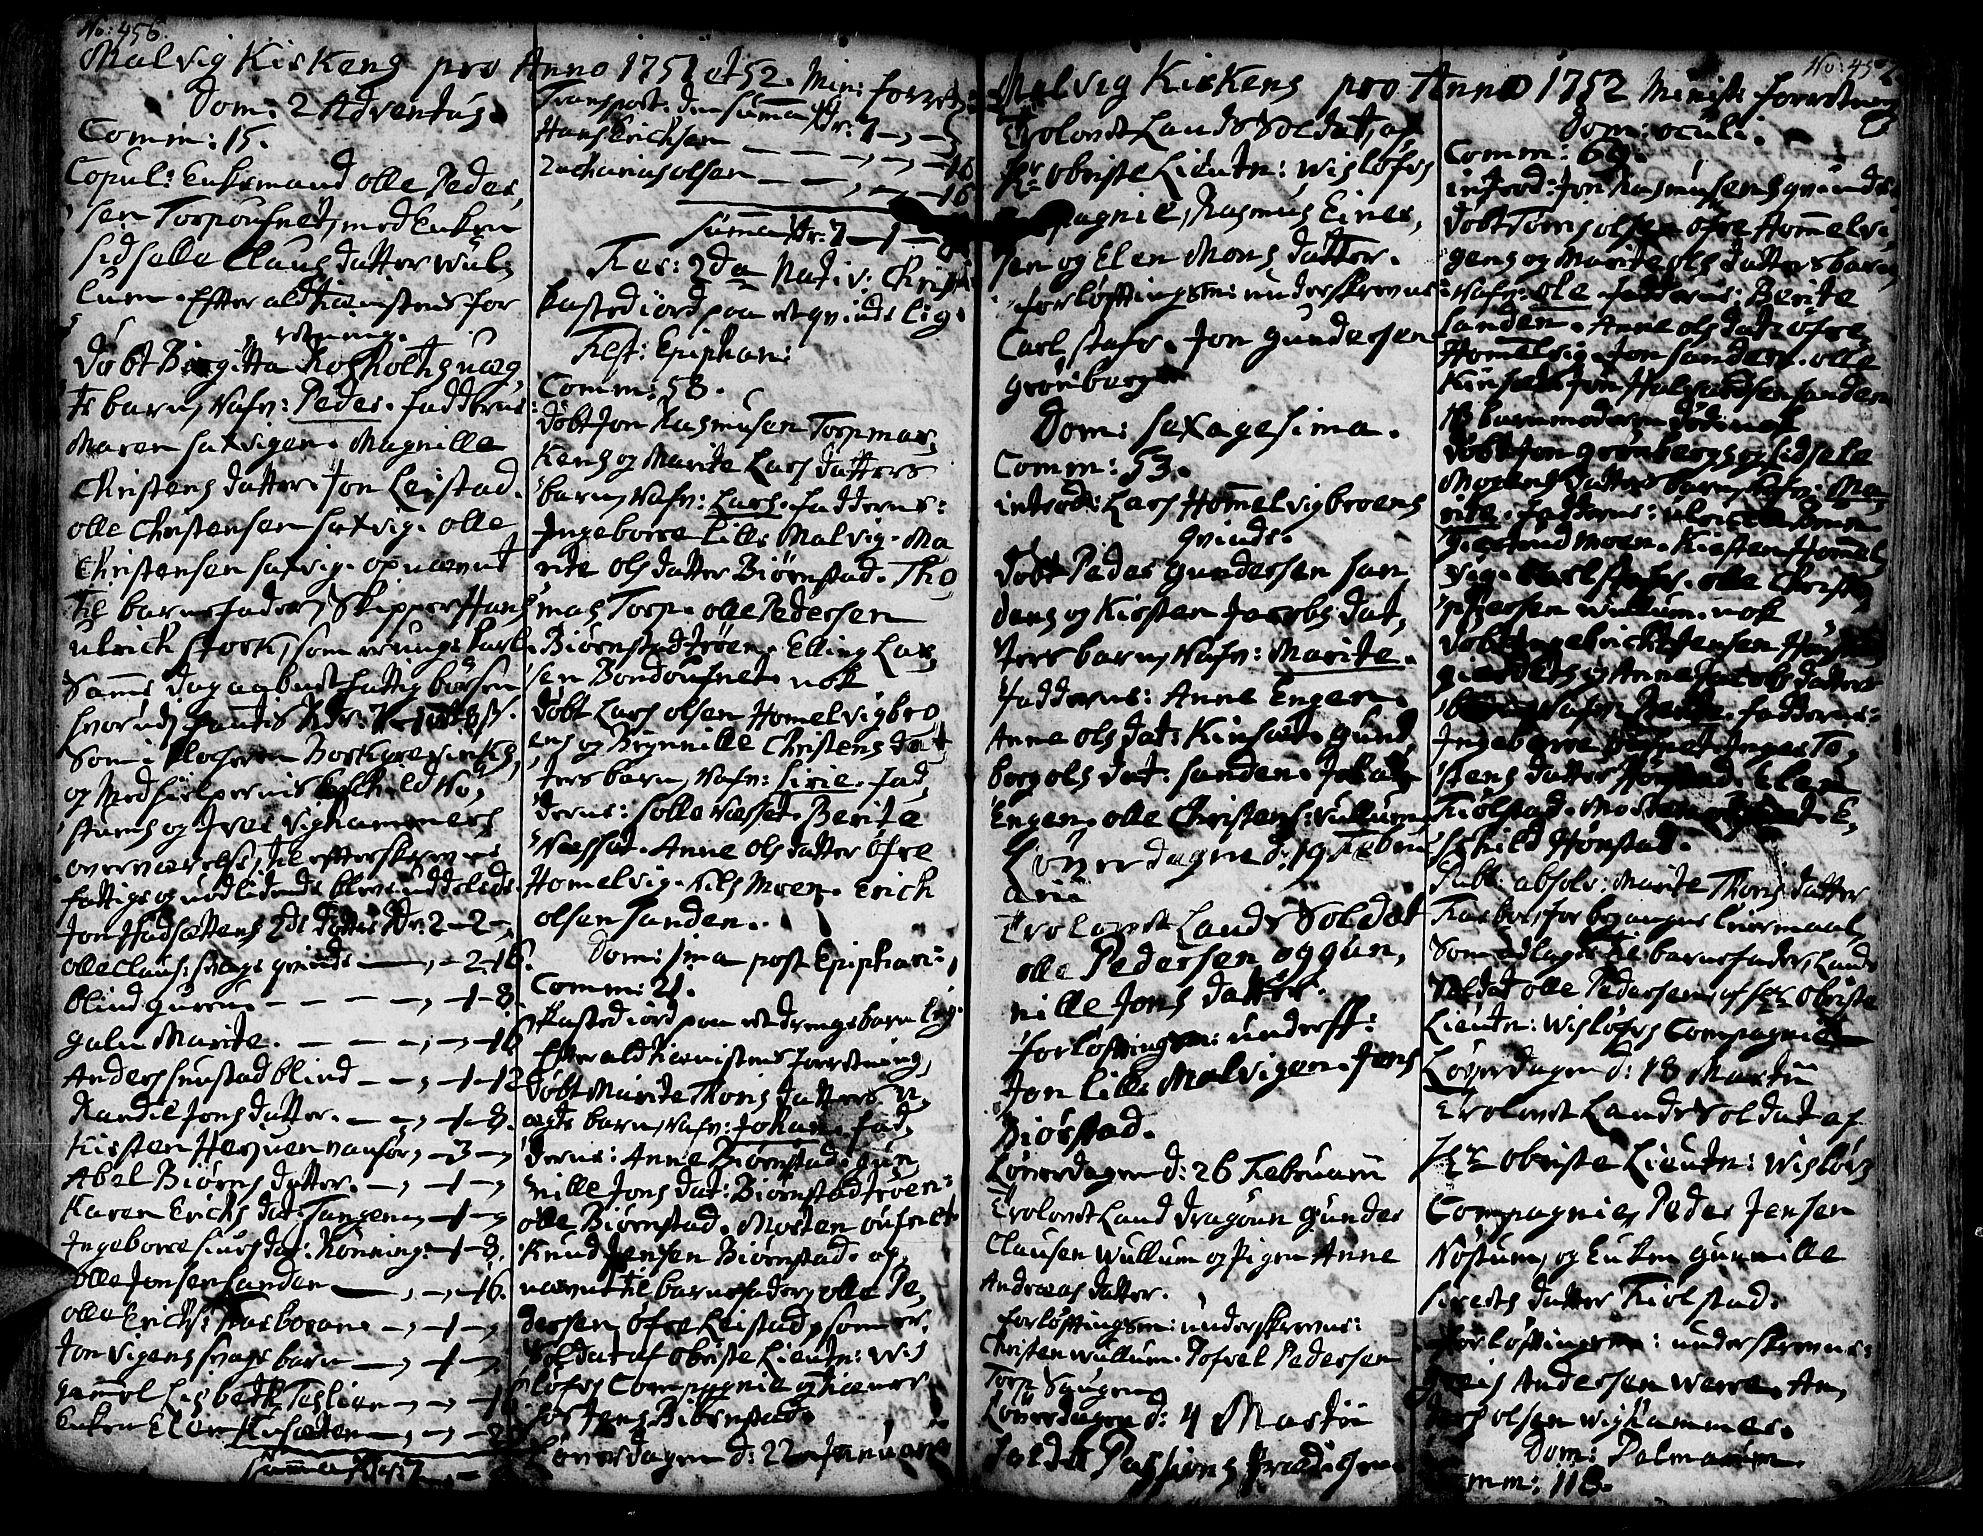 SAT, Ministerialprotokoller, klokkerbøker og fødselsregistre - Sør-Trøndelag, 606/L0277: Ministerialbok nr. 606A01 /3, 1727-1780, s. 456-457